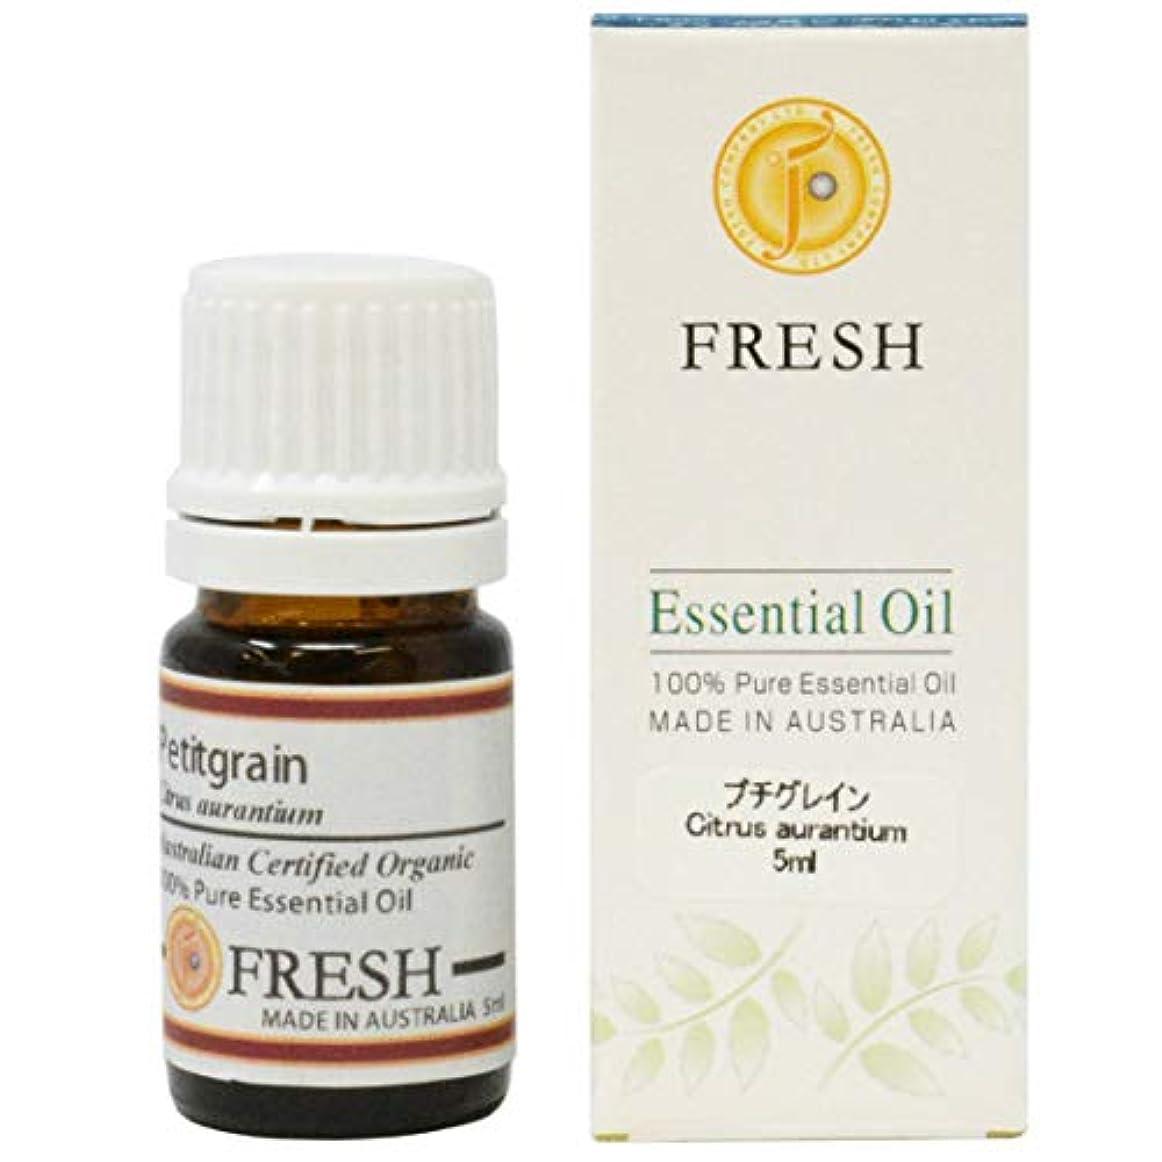 高齢者クルージェムFRESH オーガニック エッセンシャルオイル プチグレイン 5ml (FRESH 精油)